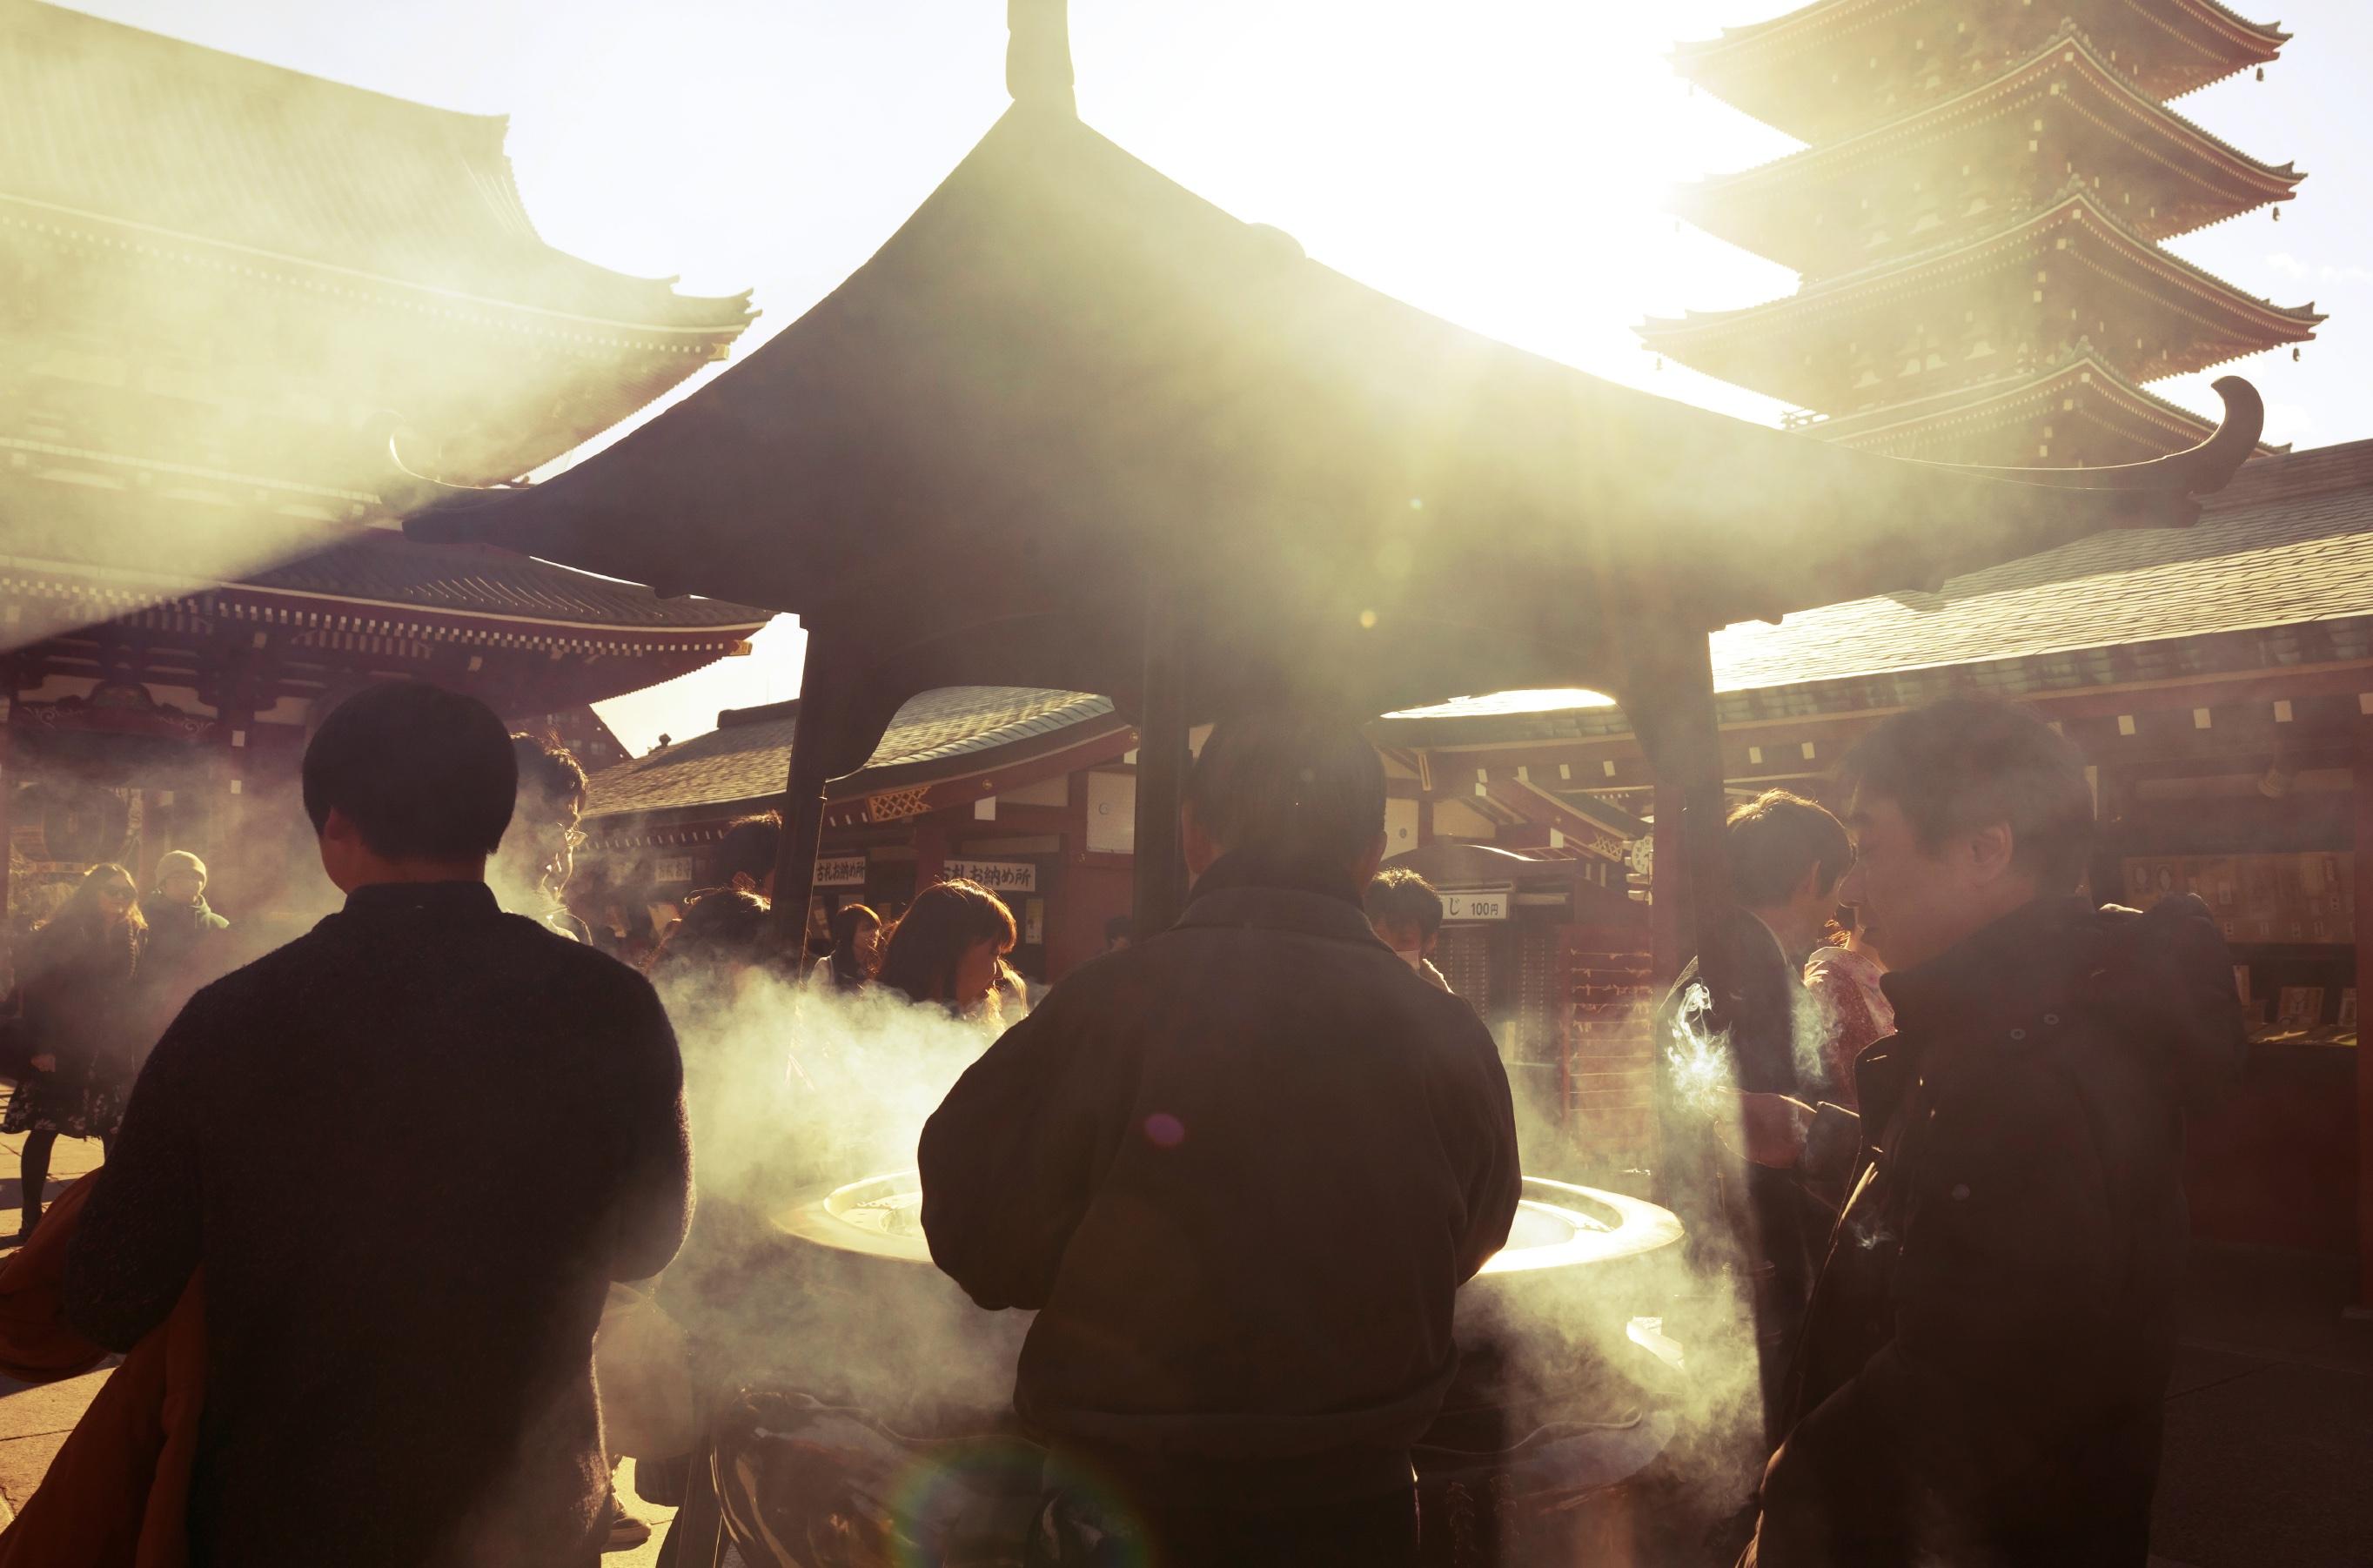 Incense at Senso-ji